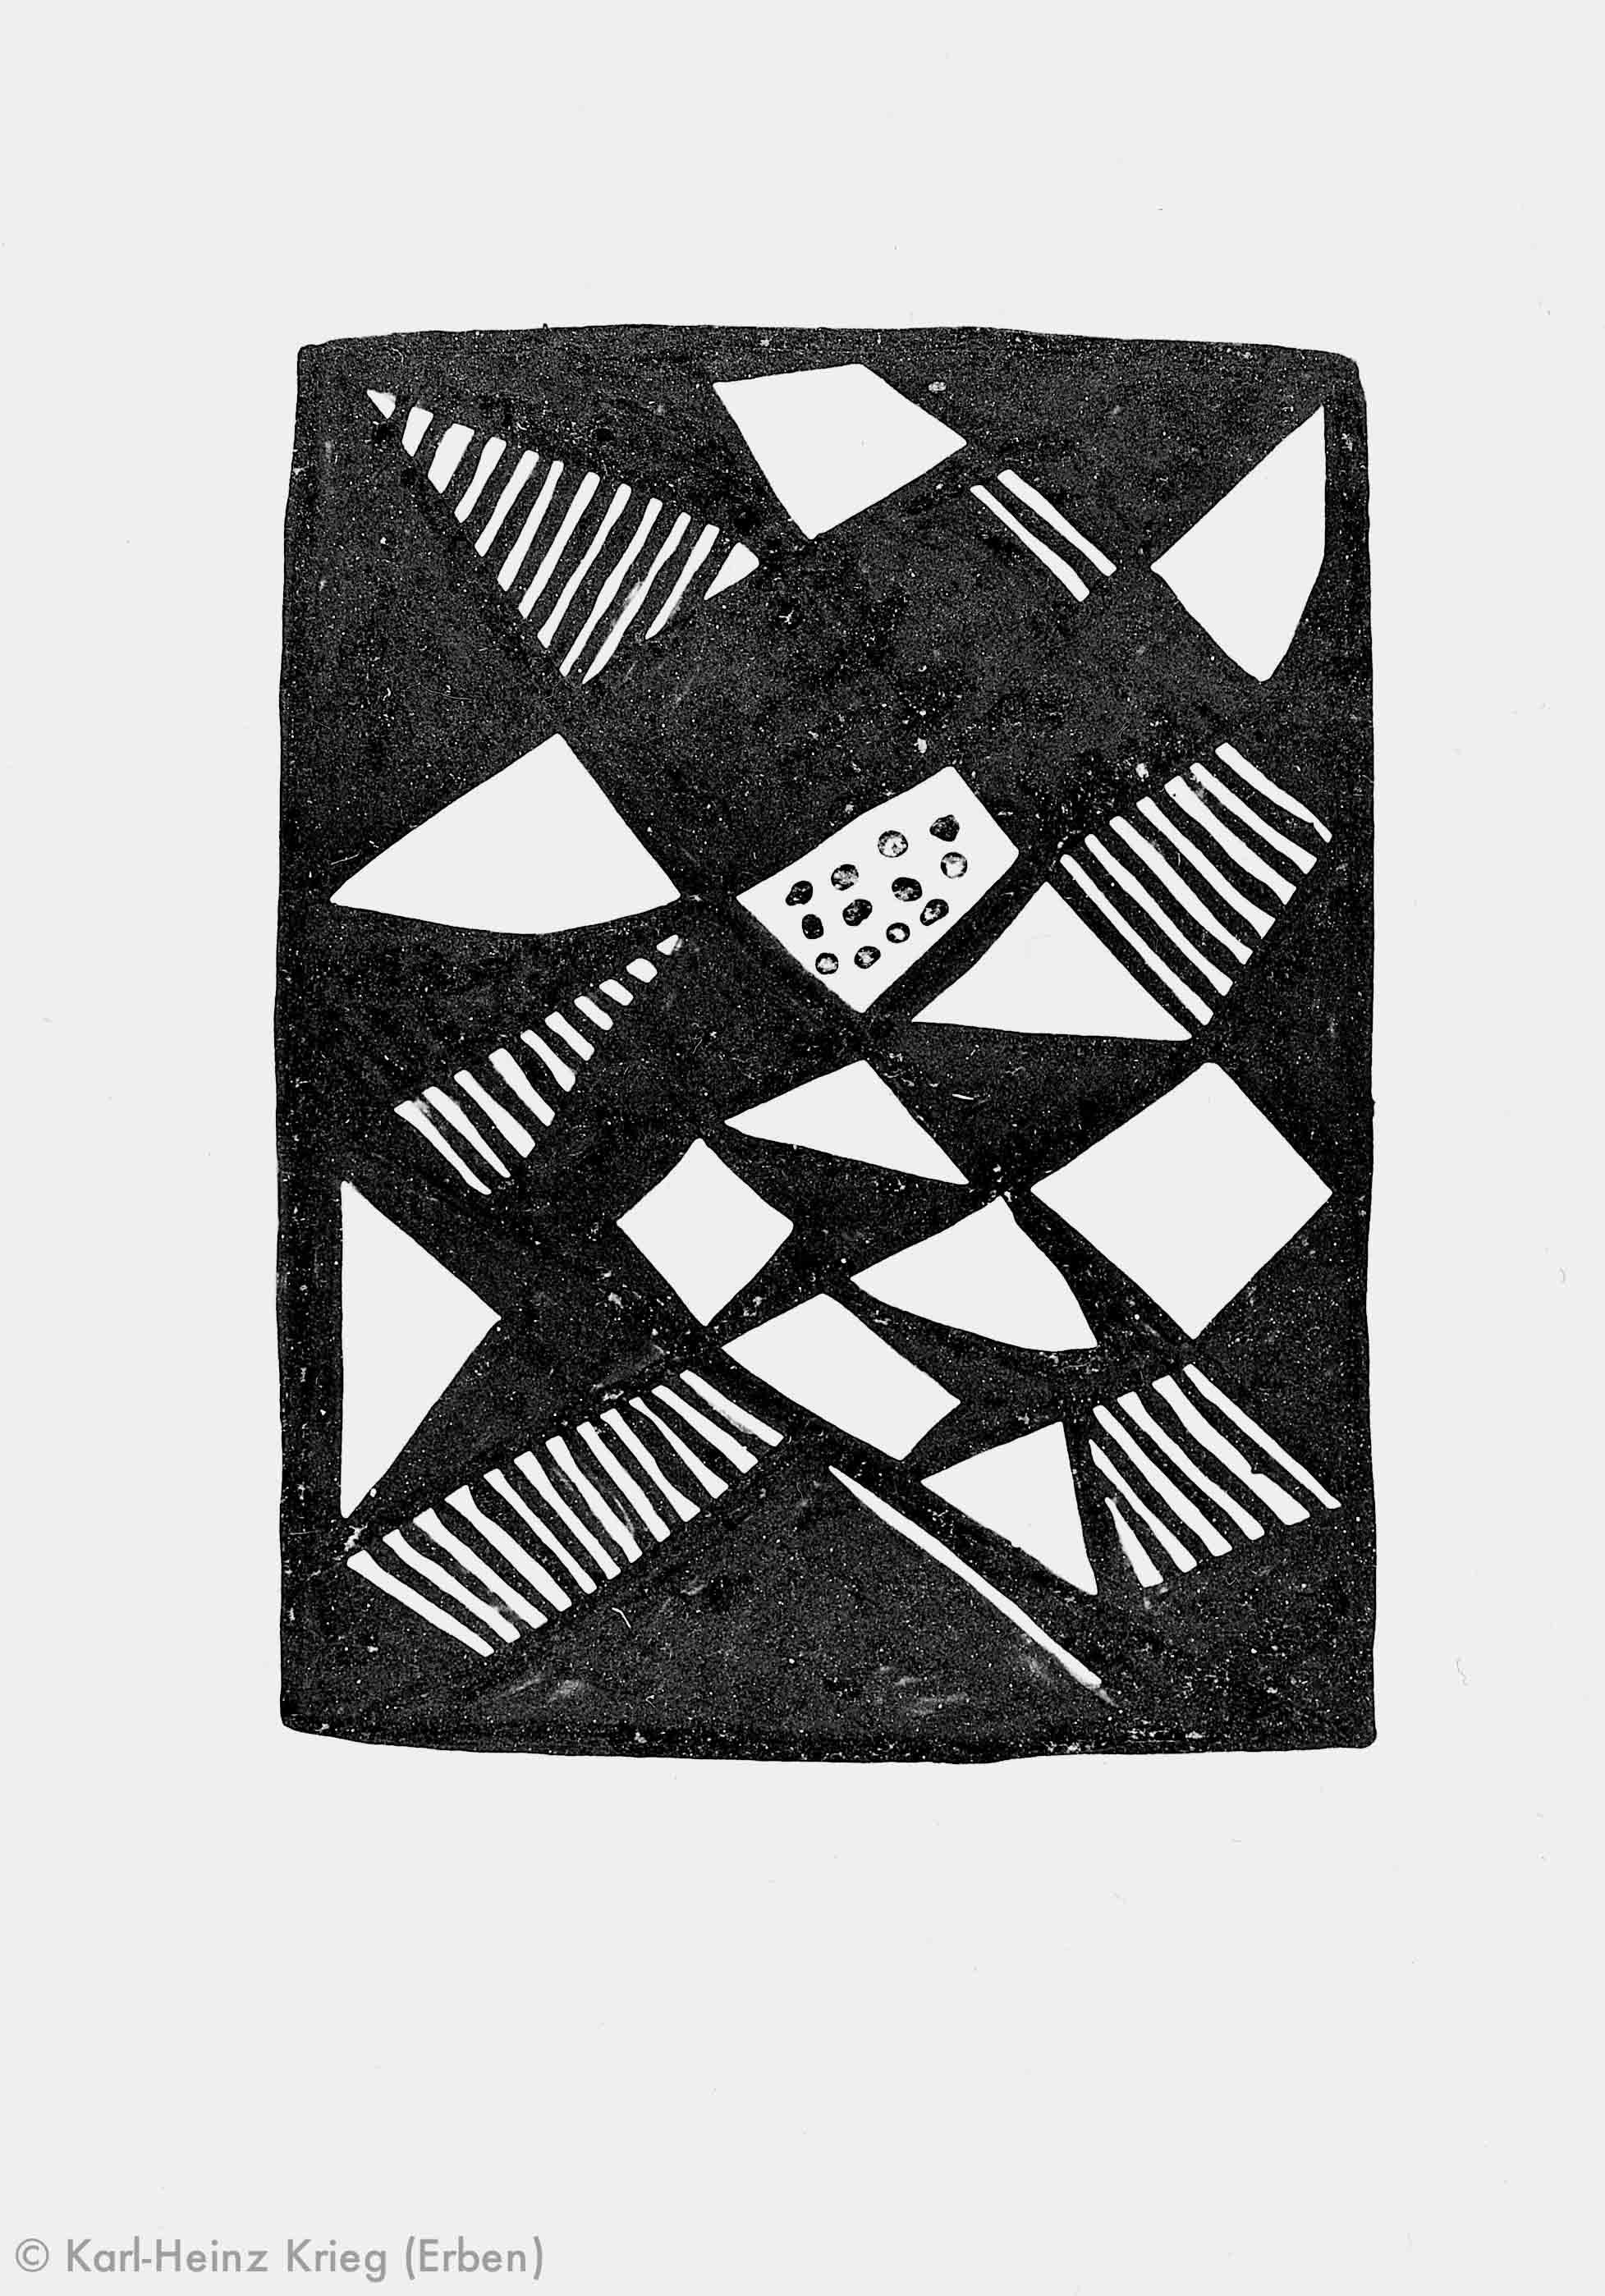 Pévé Zoumanigi Muster eines Stoffes (?), 1996 Acryl/Papier, grundiert 42 x 29,5 cm Werknr. 39-1996/3